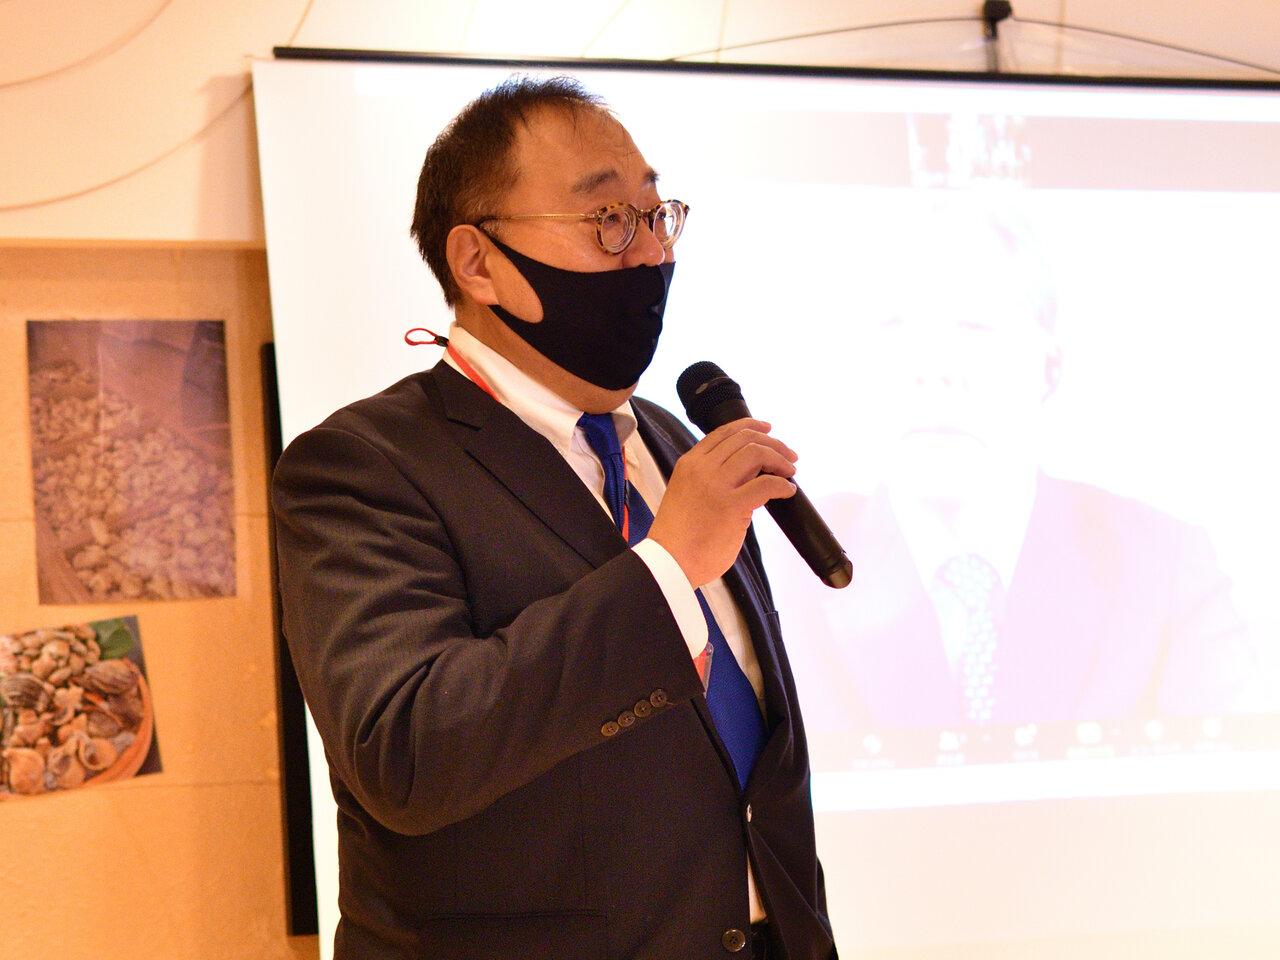 一般社団法人レジリエンスジャパン推進協議会常務理事 金谷年展 様